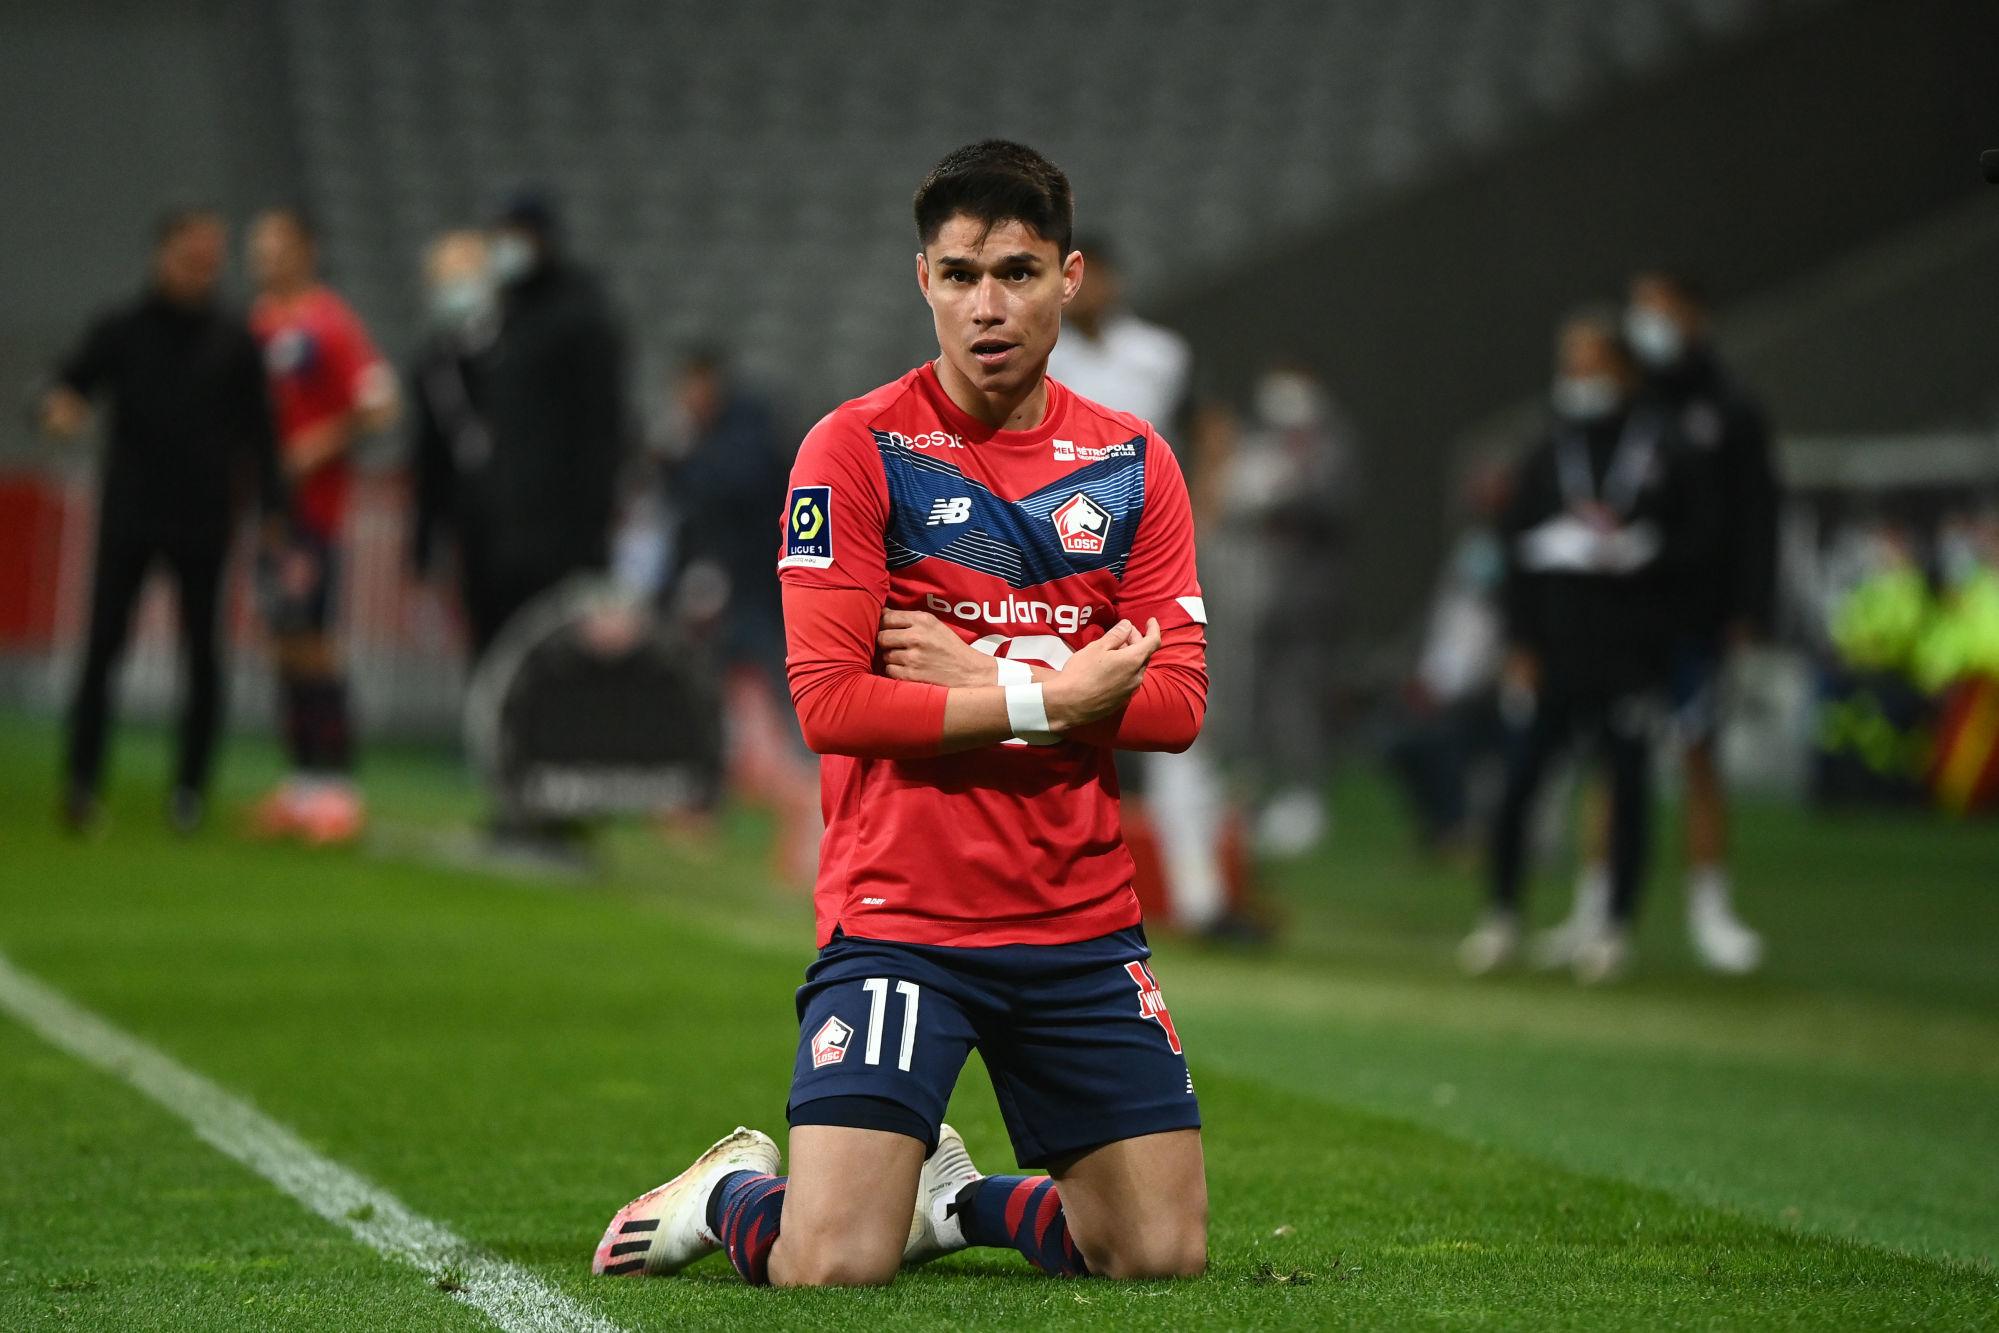 Ligue 1 - Lille et Montpellier se quittent sur un match nul, le PSG, Lyon et Monaco peuvent se rapprocher